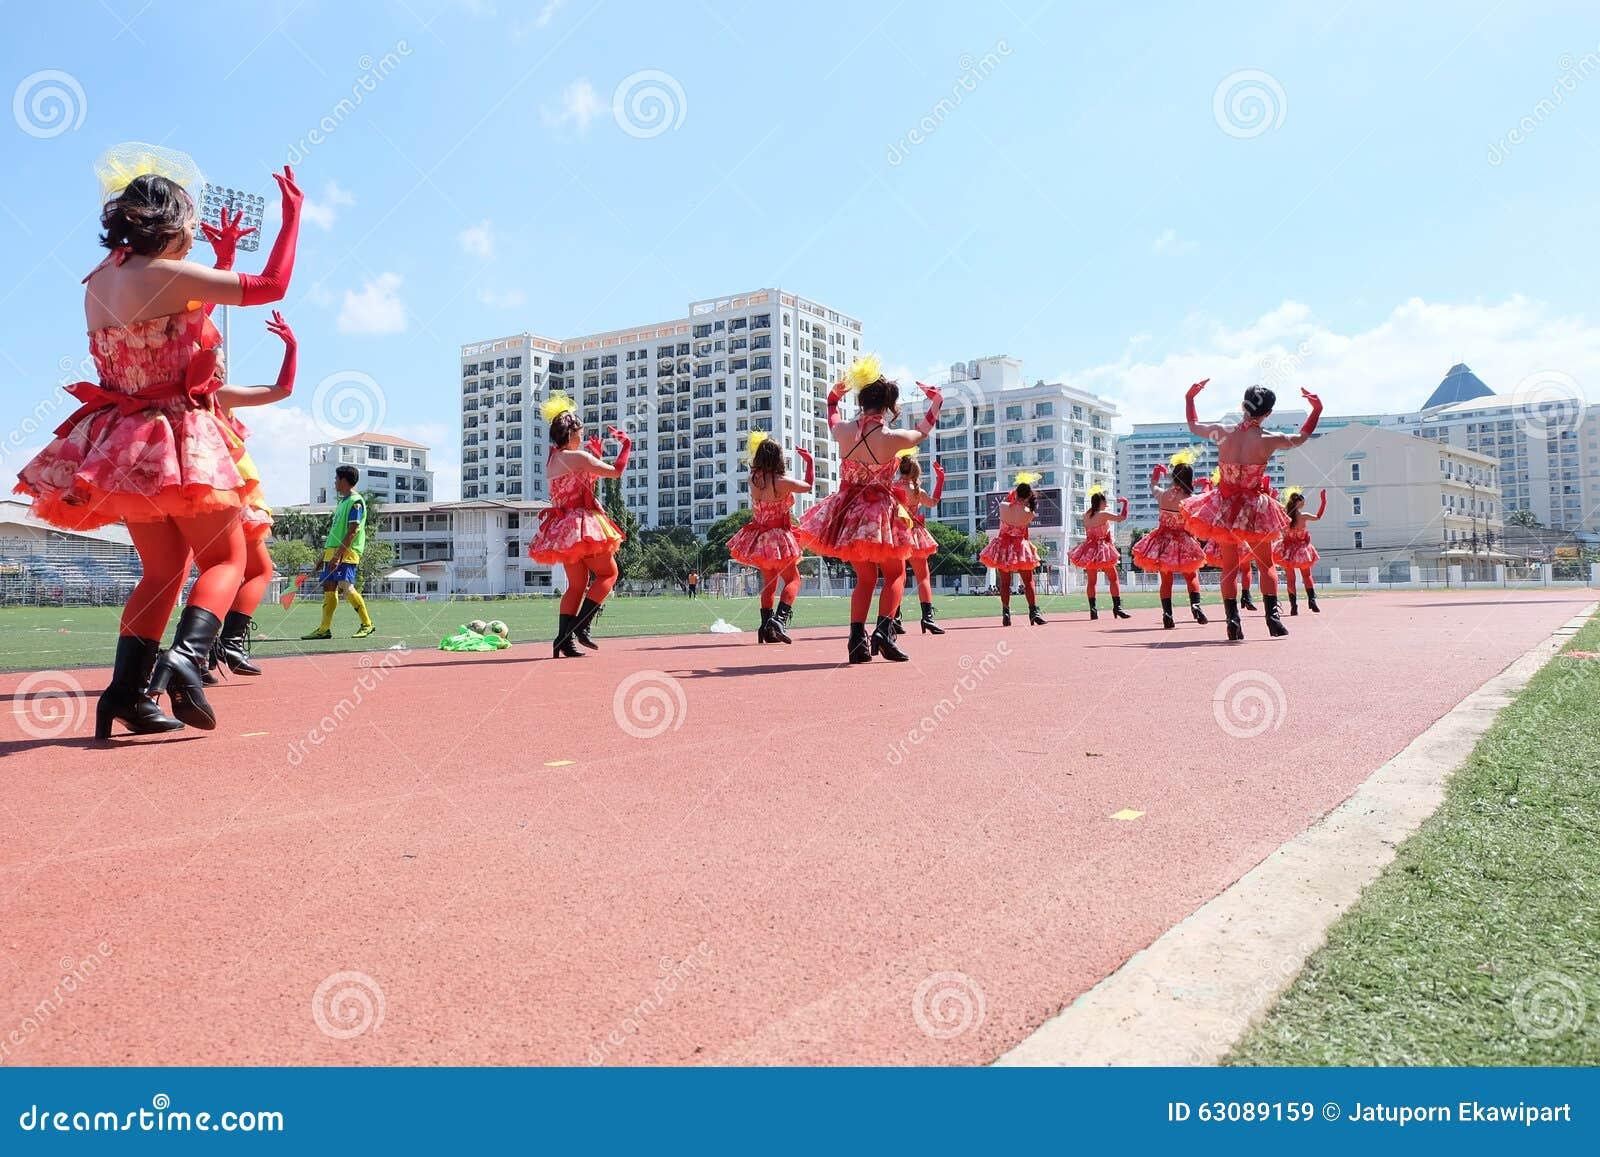 Download Équipe Cheerleading De Société Image stock éditorial - Image du stade, danser: 63089159